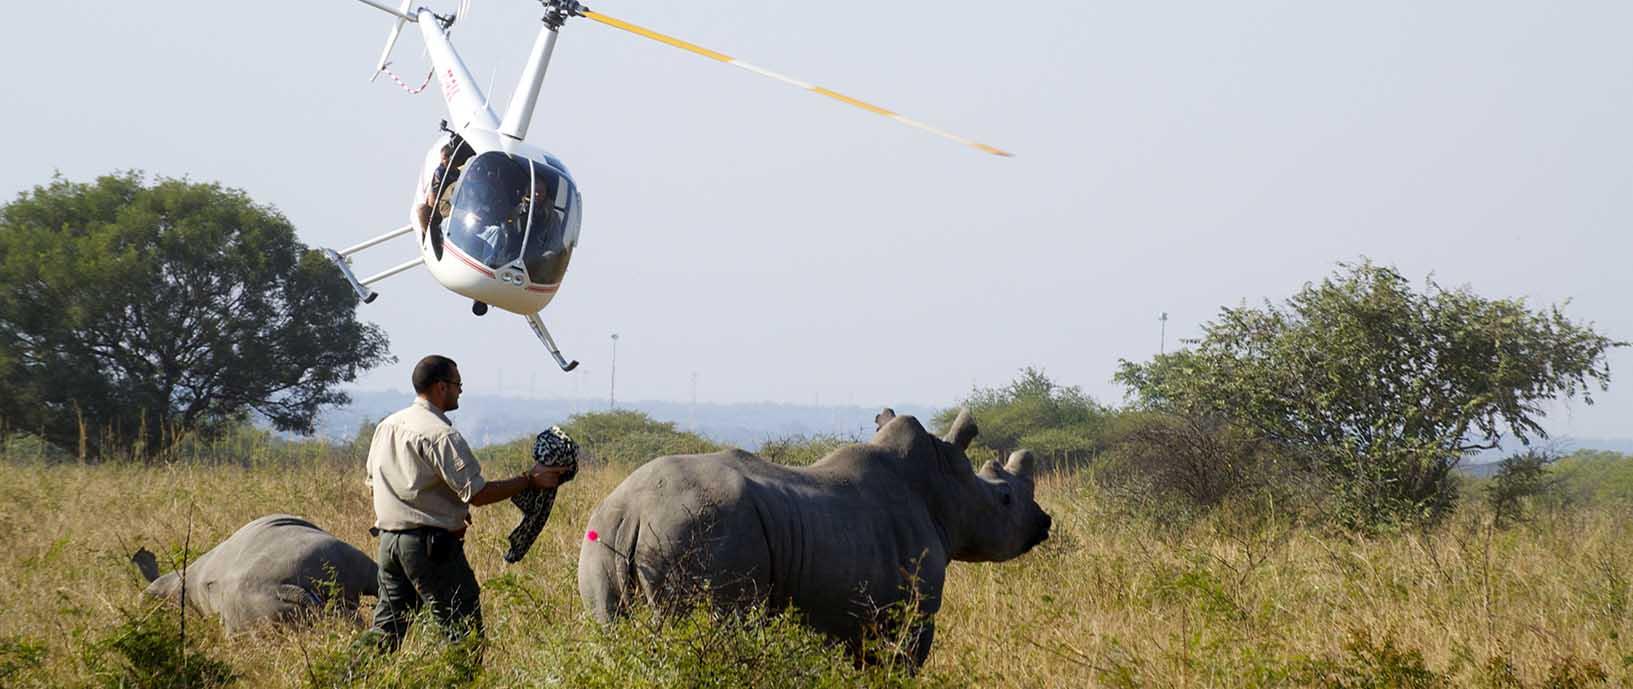 Endangered Rhino Conservation ERC Saving Rhinos Slider Image 4